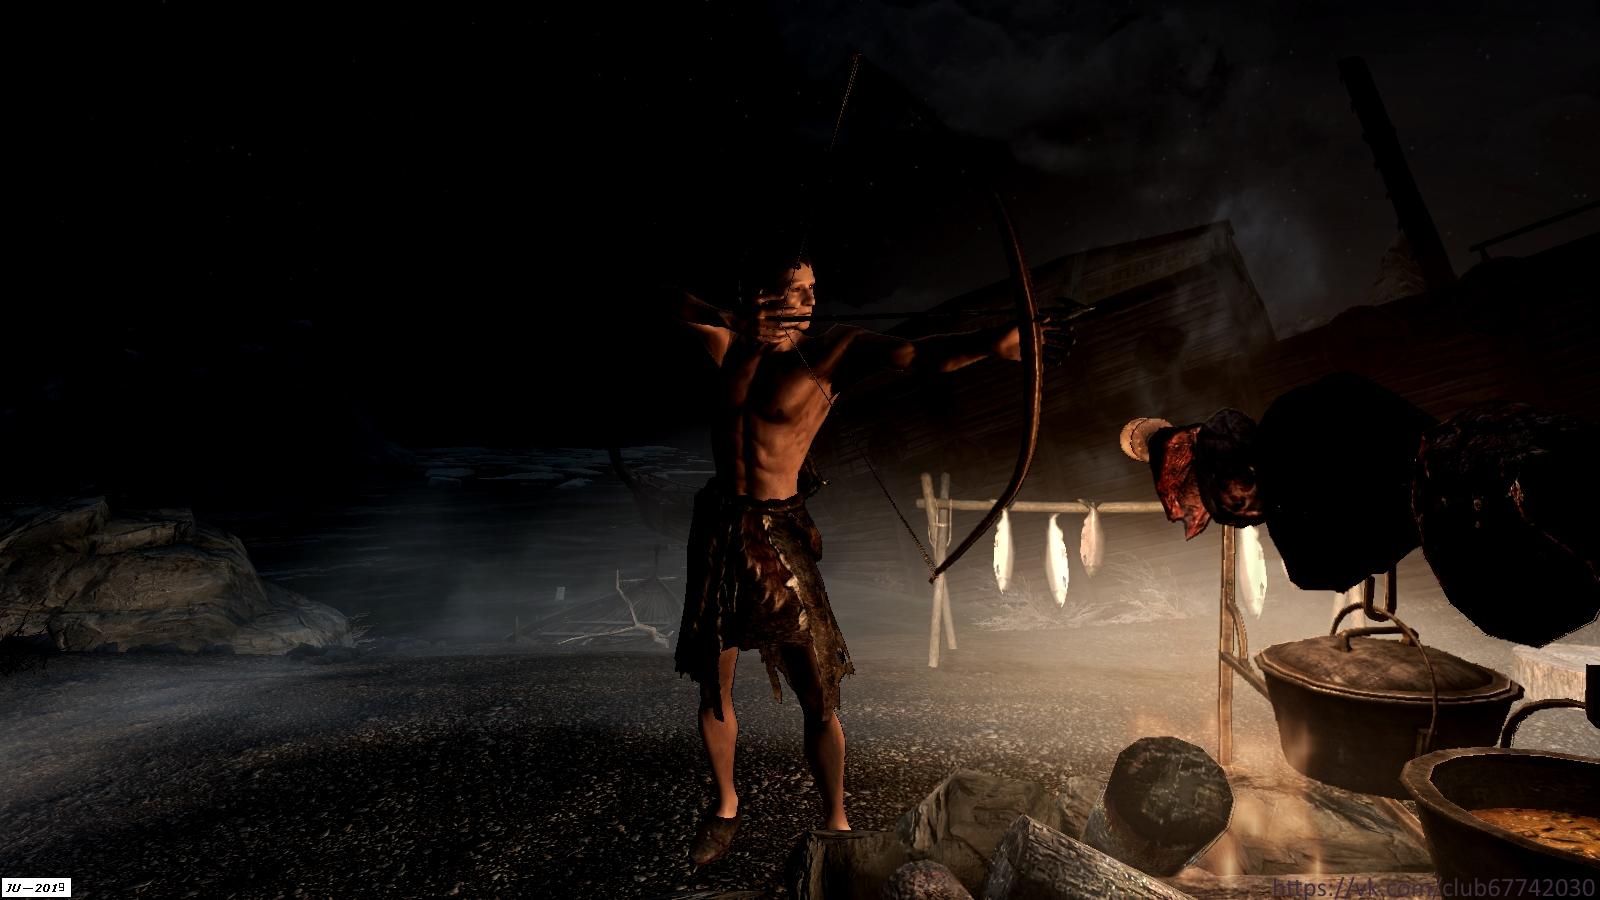 """Из серии """"Разбойники Скайрима"""". - Elder Scrolls 5: Skyrim, the лучник, разбойник"""